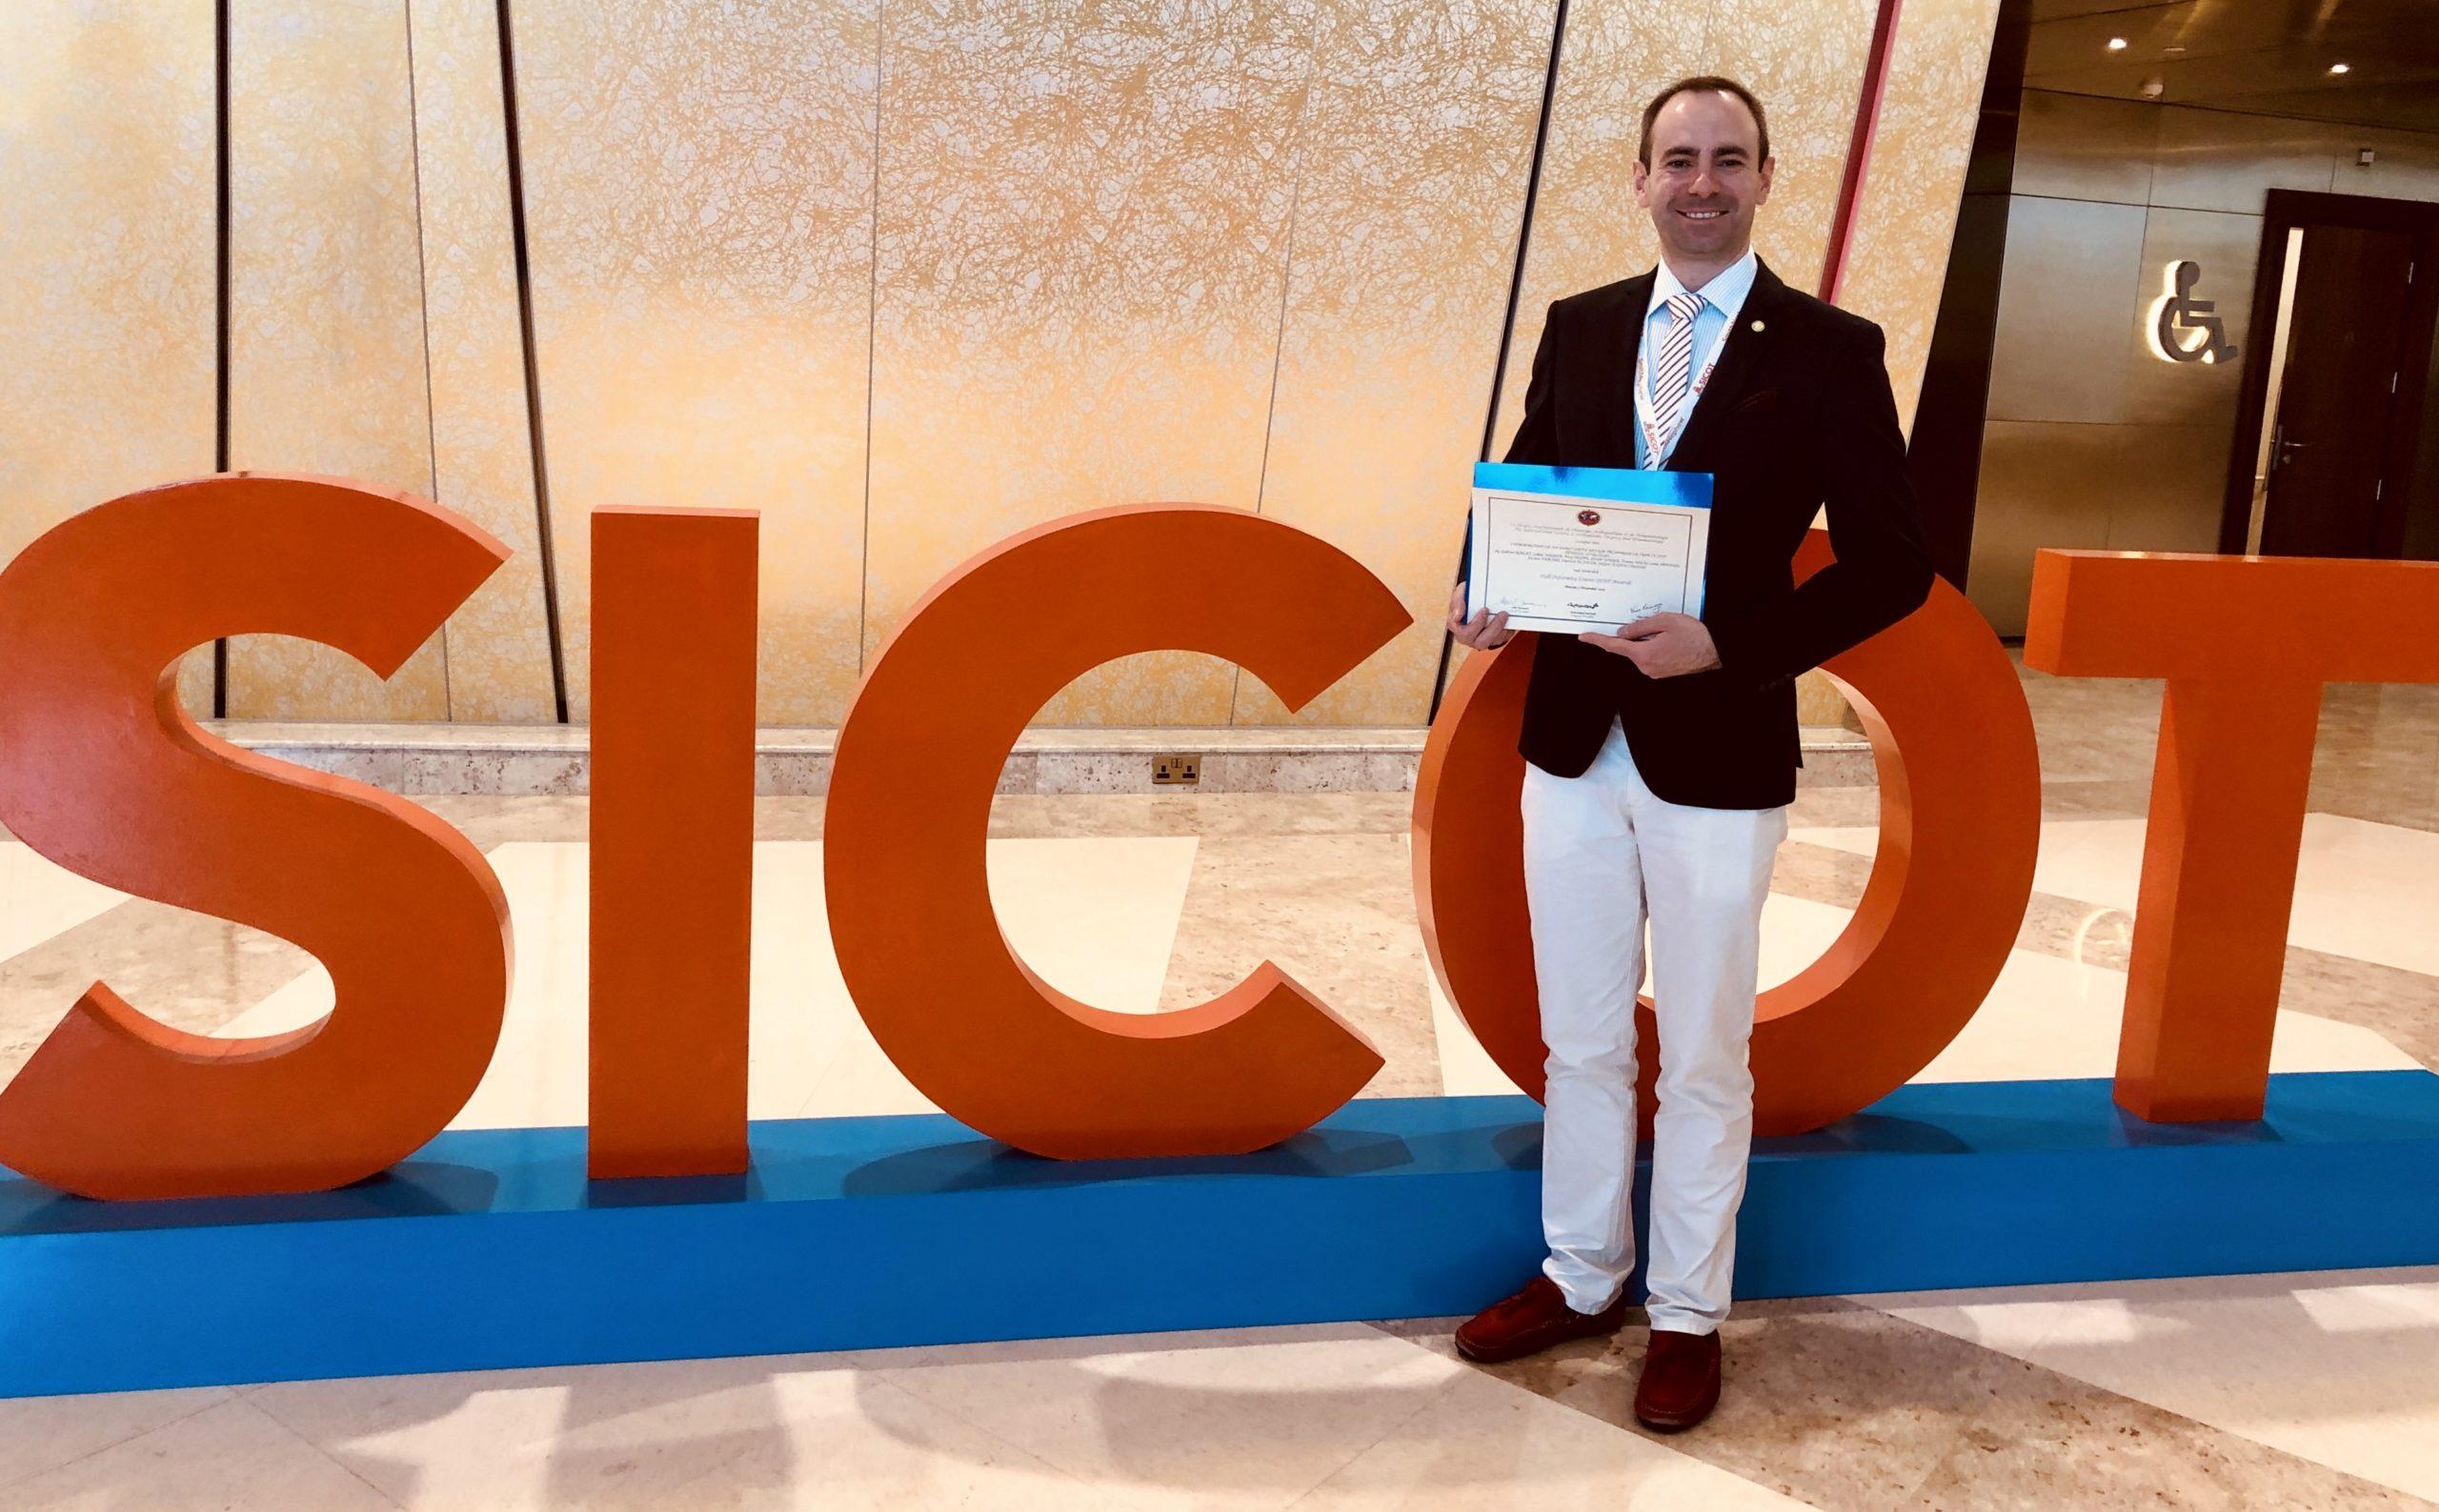 SICOT Wissenschaftspreis 2019